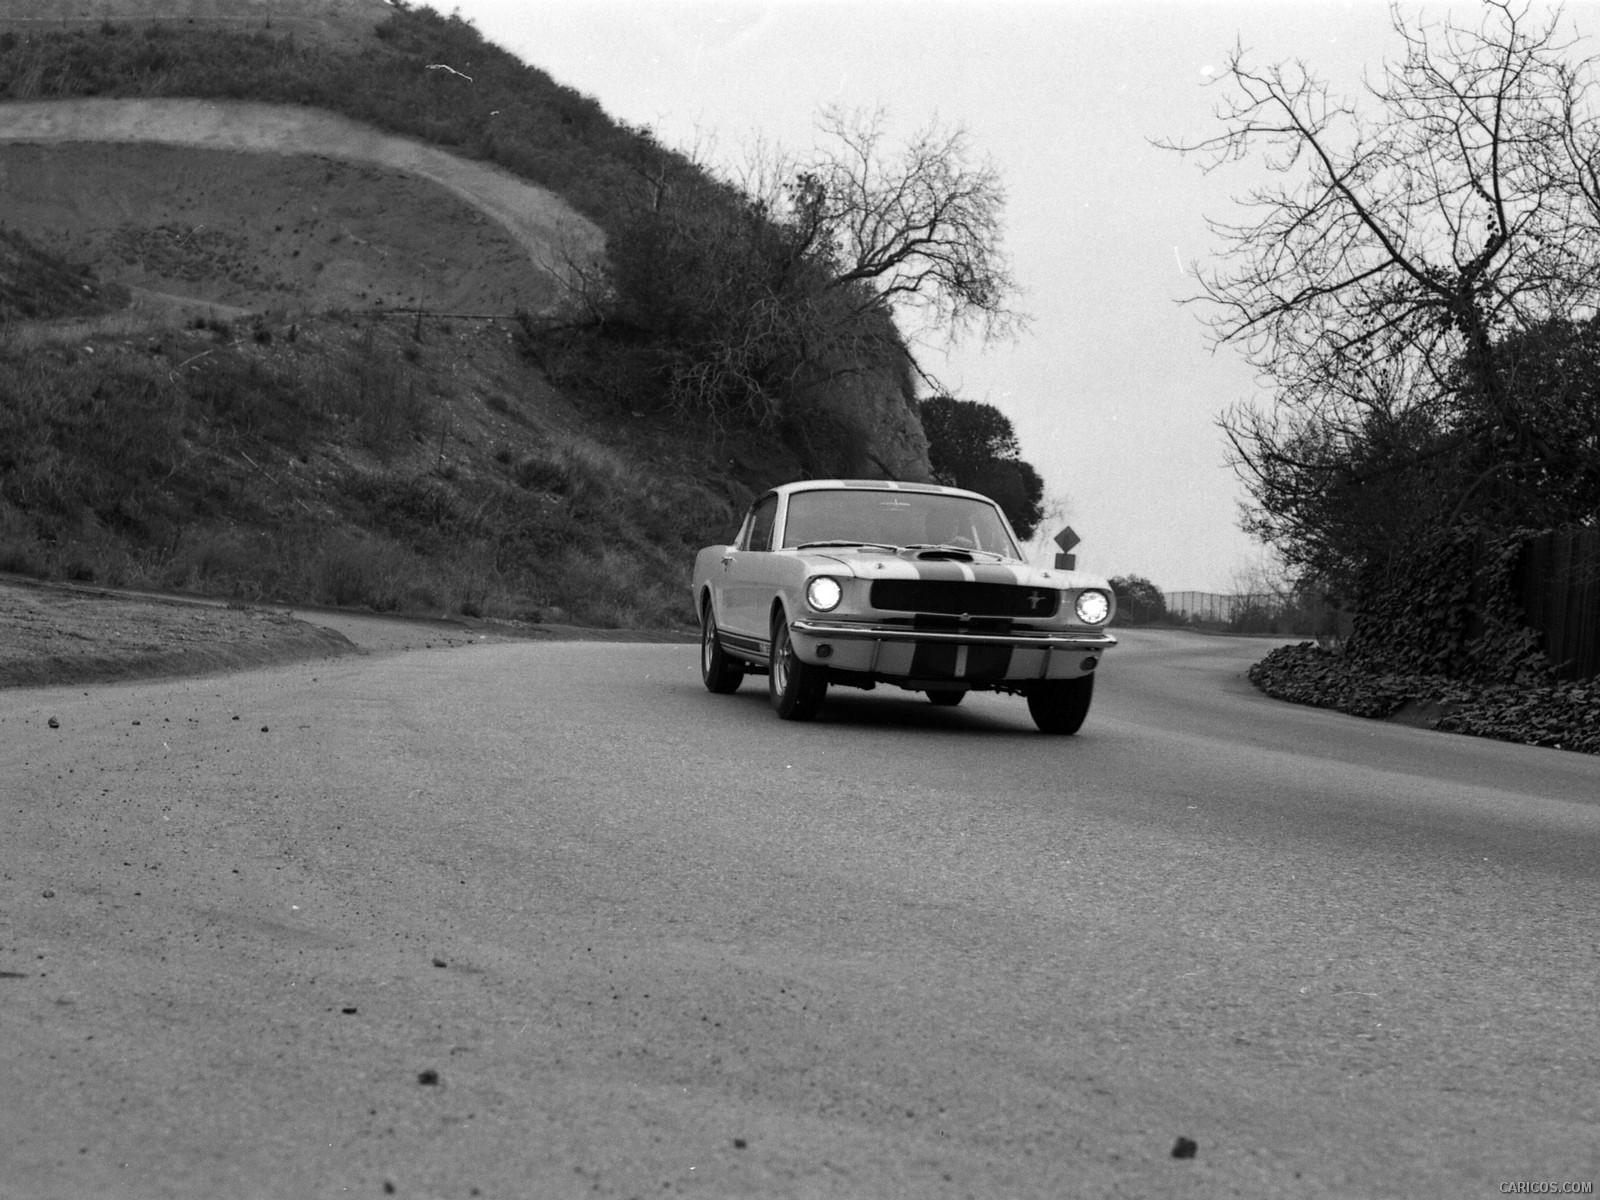 Ford Mustang Shelby GT350 resimleri